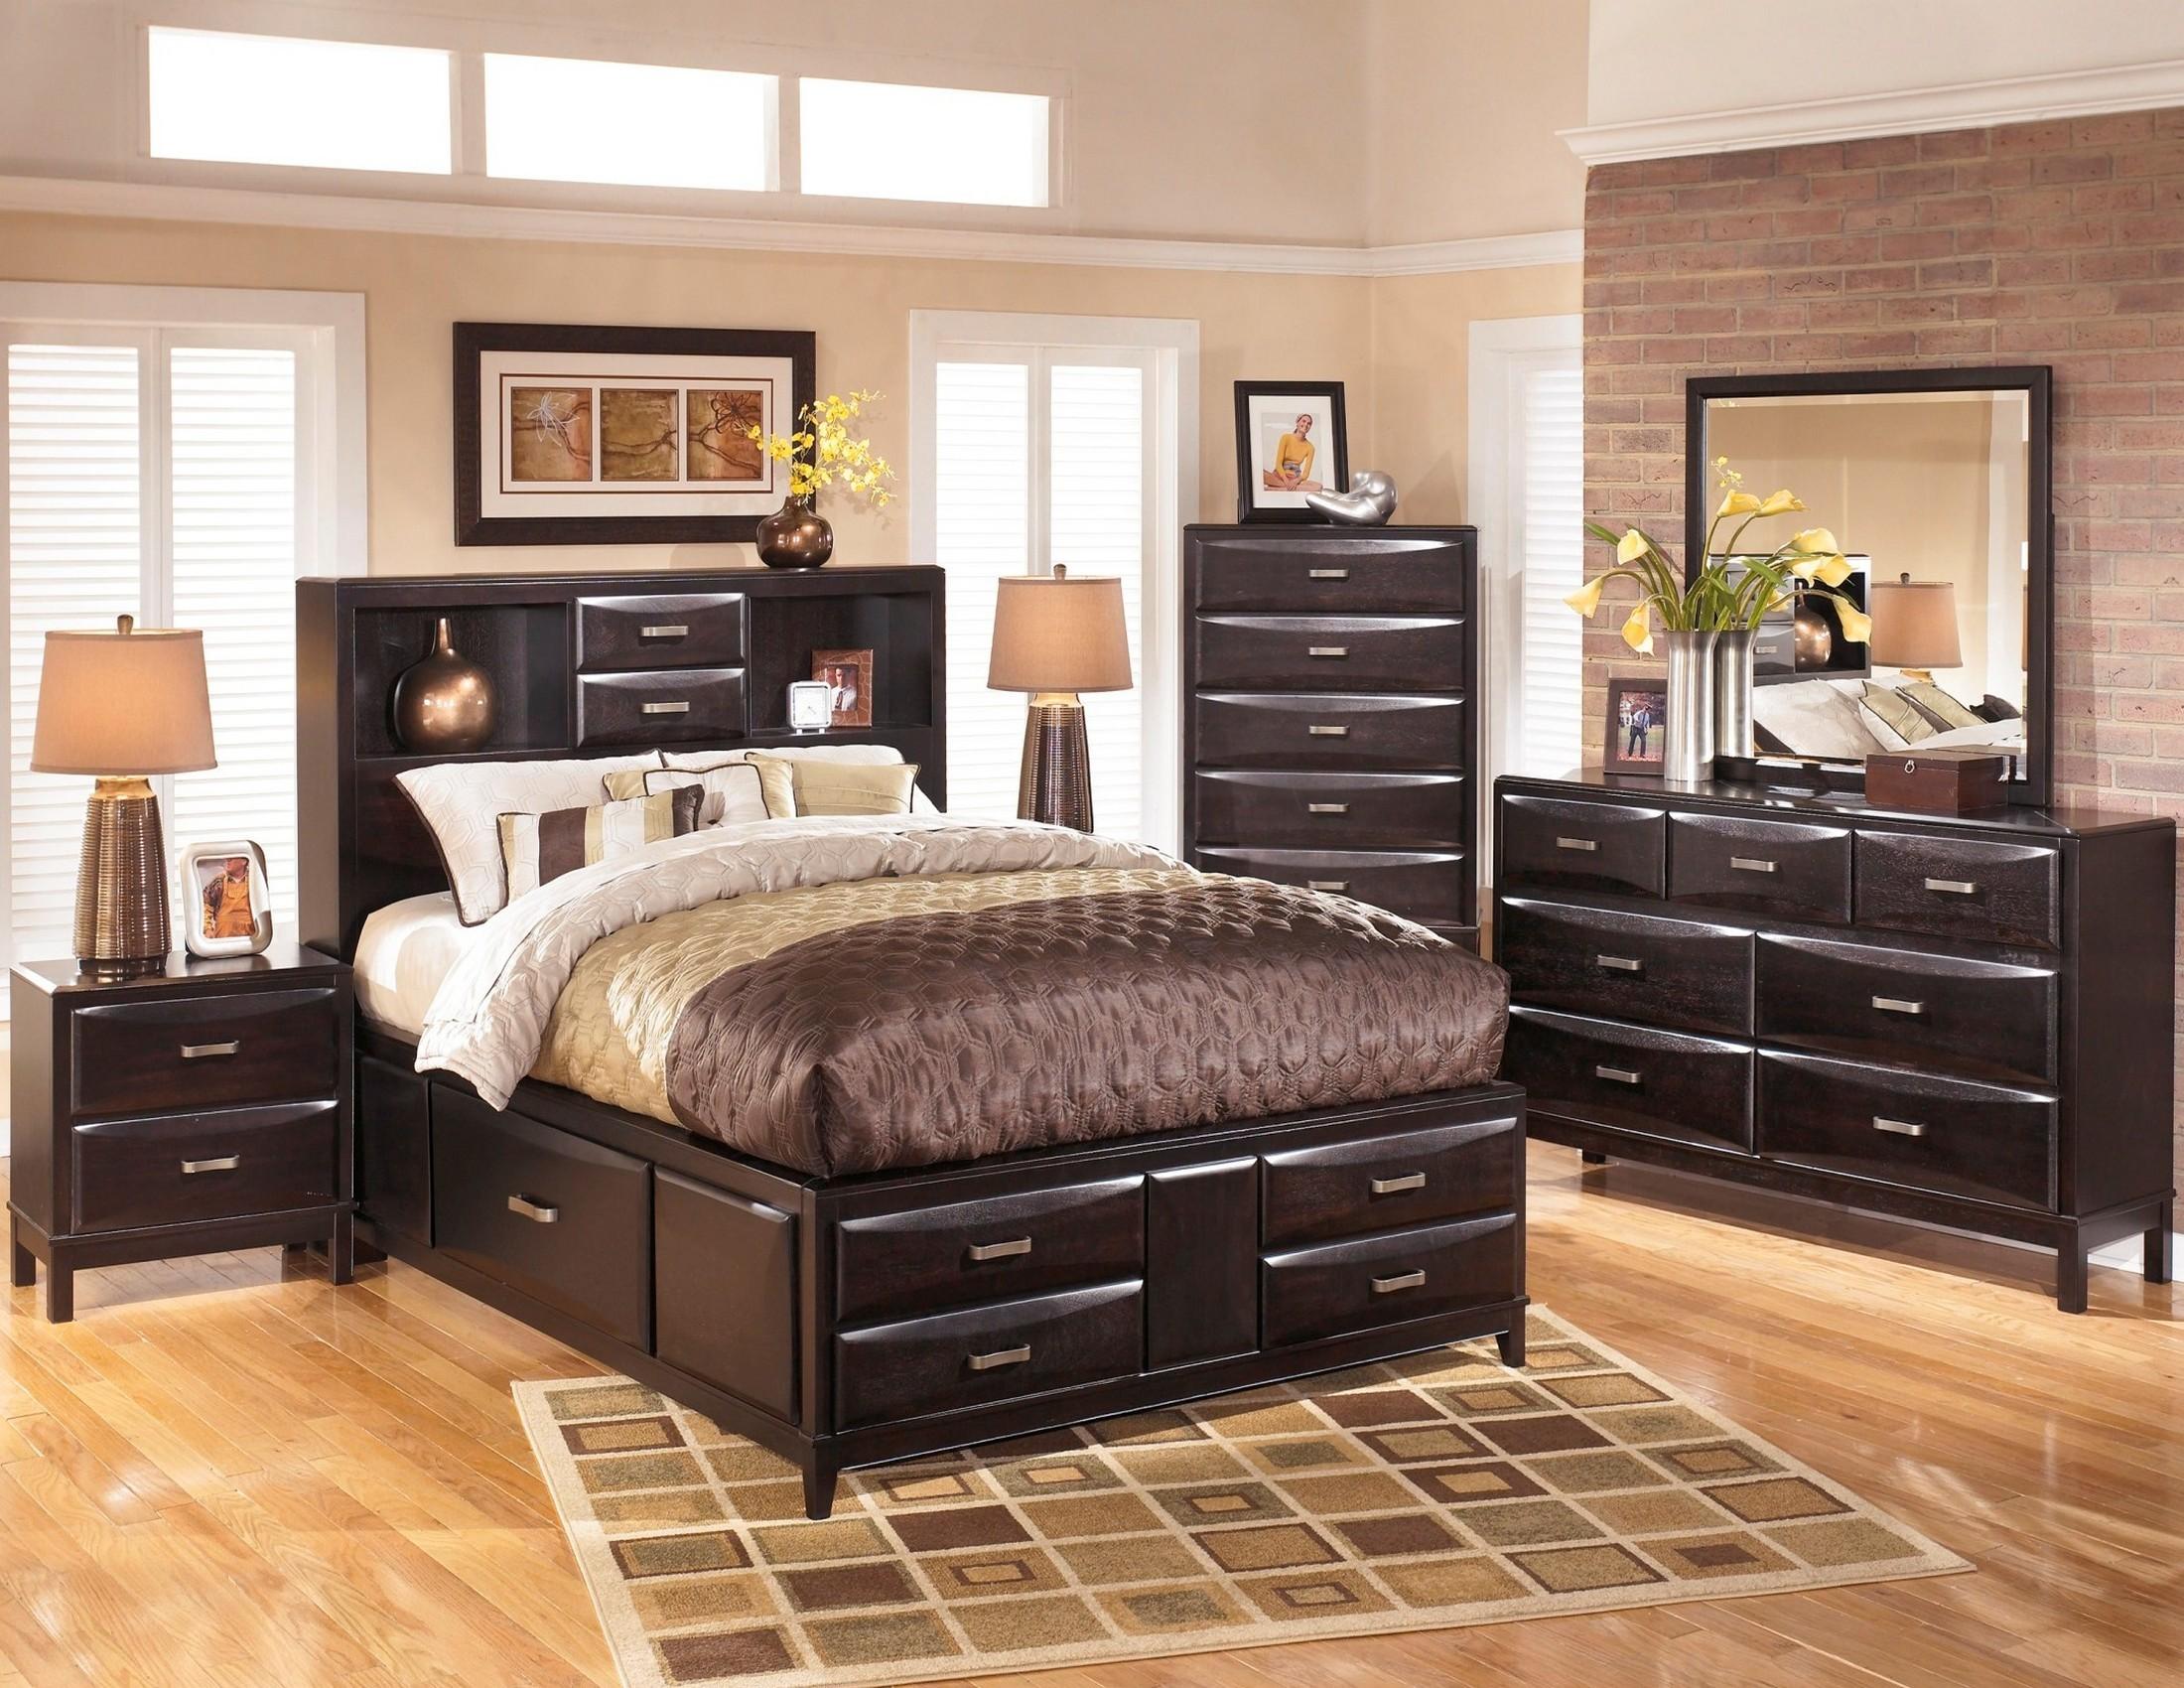 Kira Storage Platform Bedroom Set from Ashley (B473